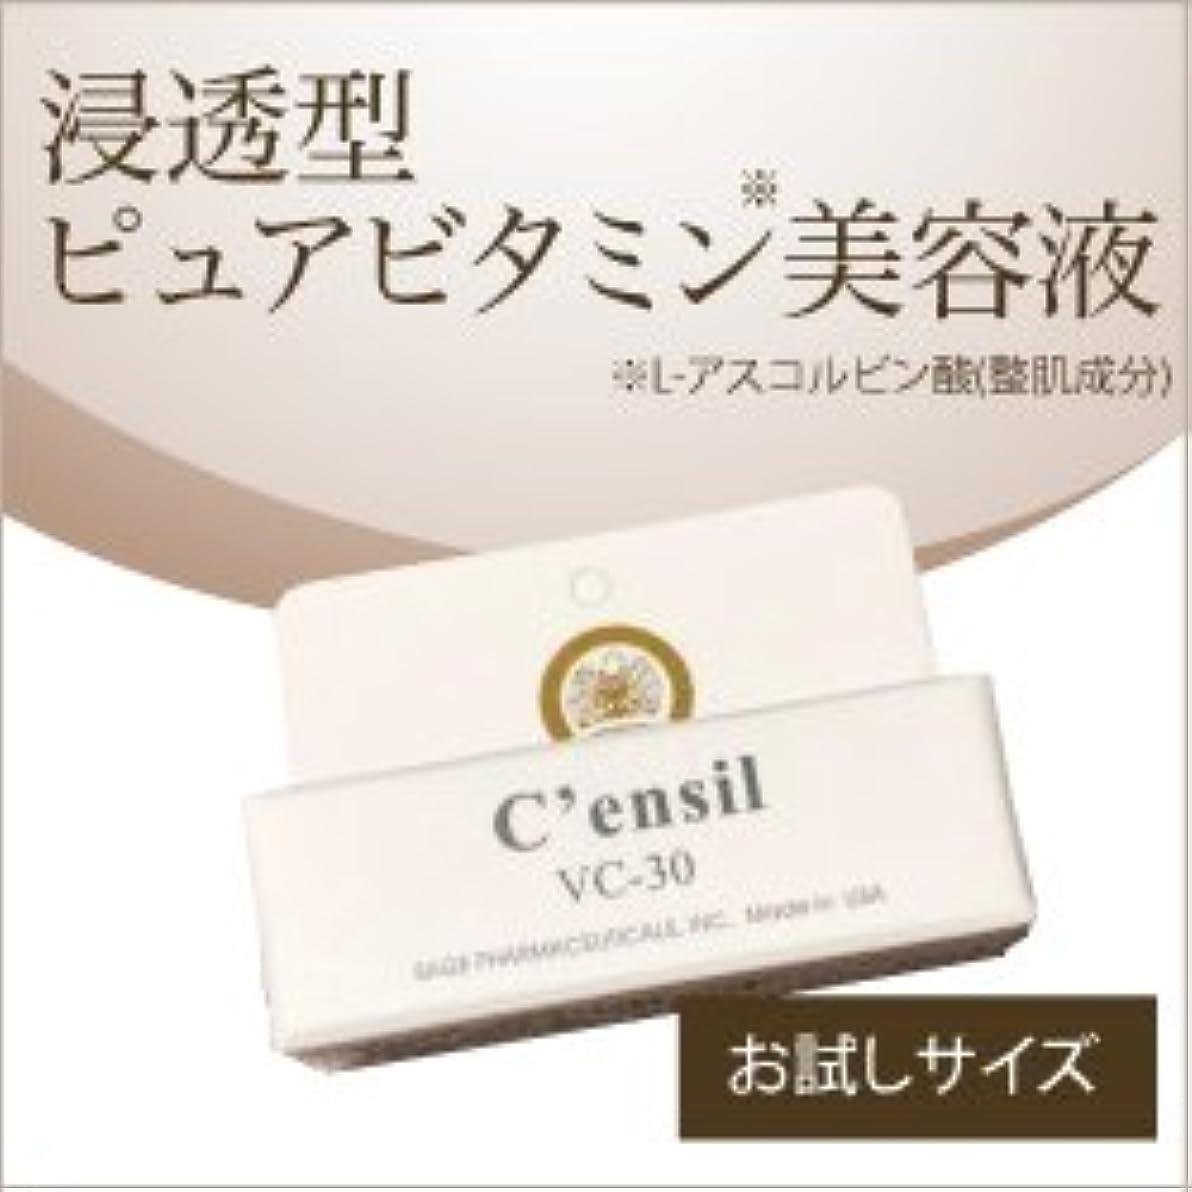 フラフープラビリンス円形センシル C'ensil VC-30 ミニ 2ml 美容液